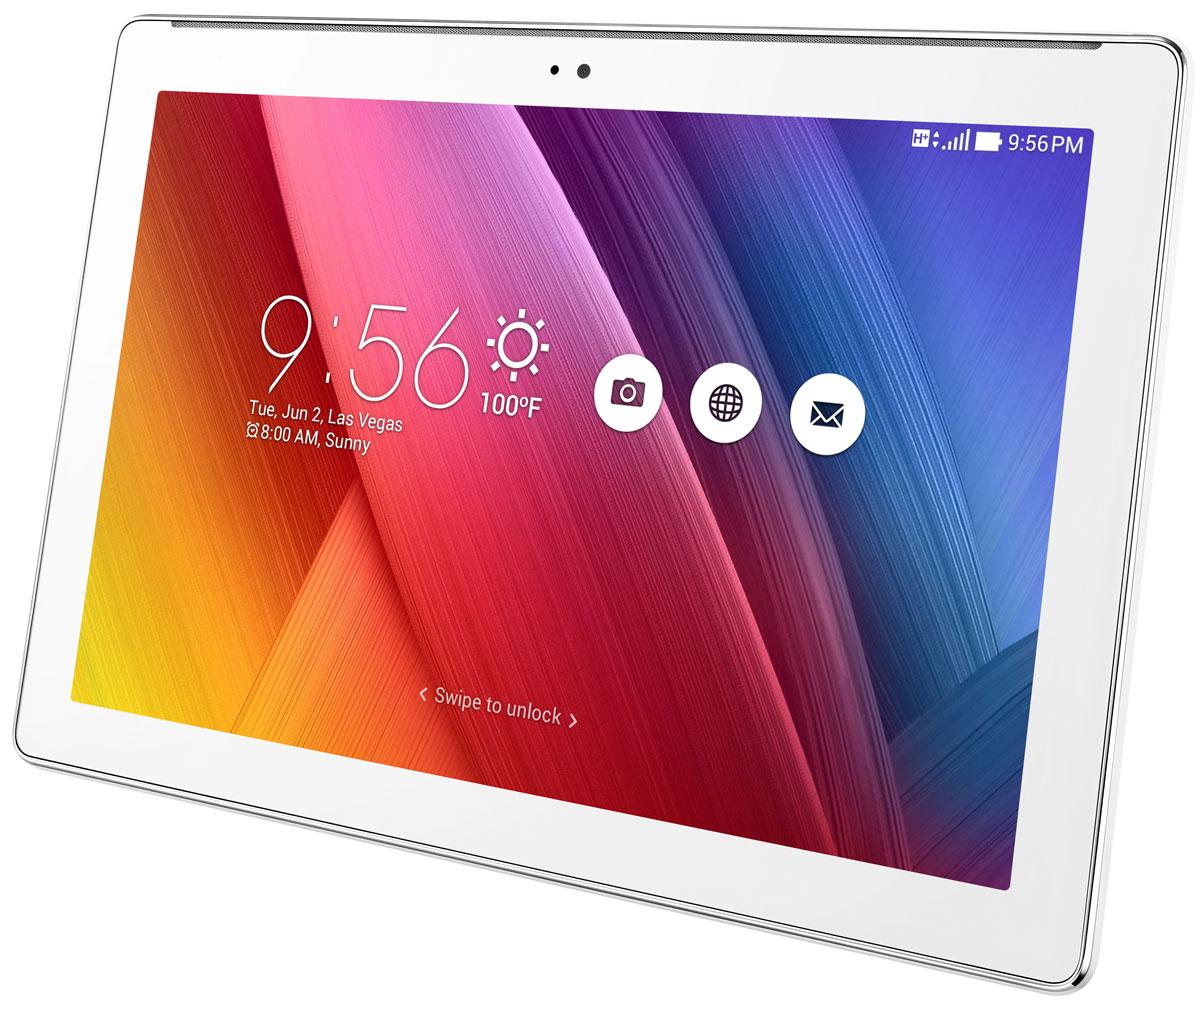 ASUS ZenPad 10 Z300CG 16GB, White (Z300CG-1B004A)Z300CG-1B004AAsus ZenPad 10 Z300CG имеет дизайн-философию Zen, которая направлена на разработку красивых и высокотехнологичных устройств – роскоши, доступной для каждого. Внешний вид этого планшета - яркий, стильный, современный - не оставит равнодушным ни одного пользователя! Великолепное изображение: ASUS VisualMaster – это общее название комплекса аппаратных и программных средств улучшения изображения за счет оптимизации множества параметров, включая контрастность, резкость, цветопередачу, яркость. ASUS VisualMaster – залог красочной и реалистичной картинки на экране планшета. Интеллектуальная оптимизация контрастности: Оптимизация контрастности служит для более точной передачи оттенков в самых ярких и самых темных участках изображения. Оптимизация резкости: Увеличение детализации делает изображение на экране планшета более реалистичным. Невероятный звук: За великолепное звучание планшетов ZenPad отвечают...